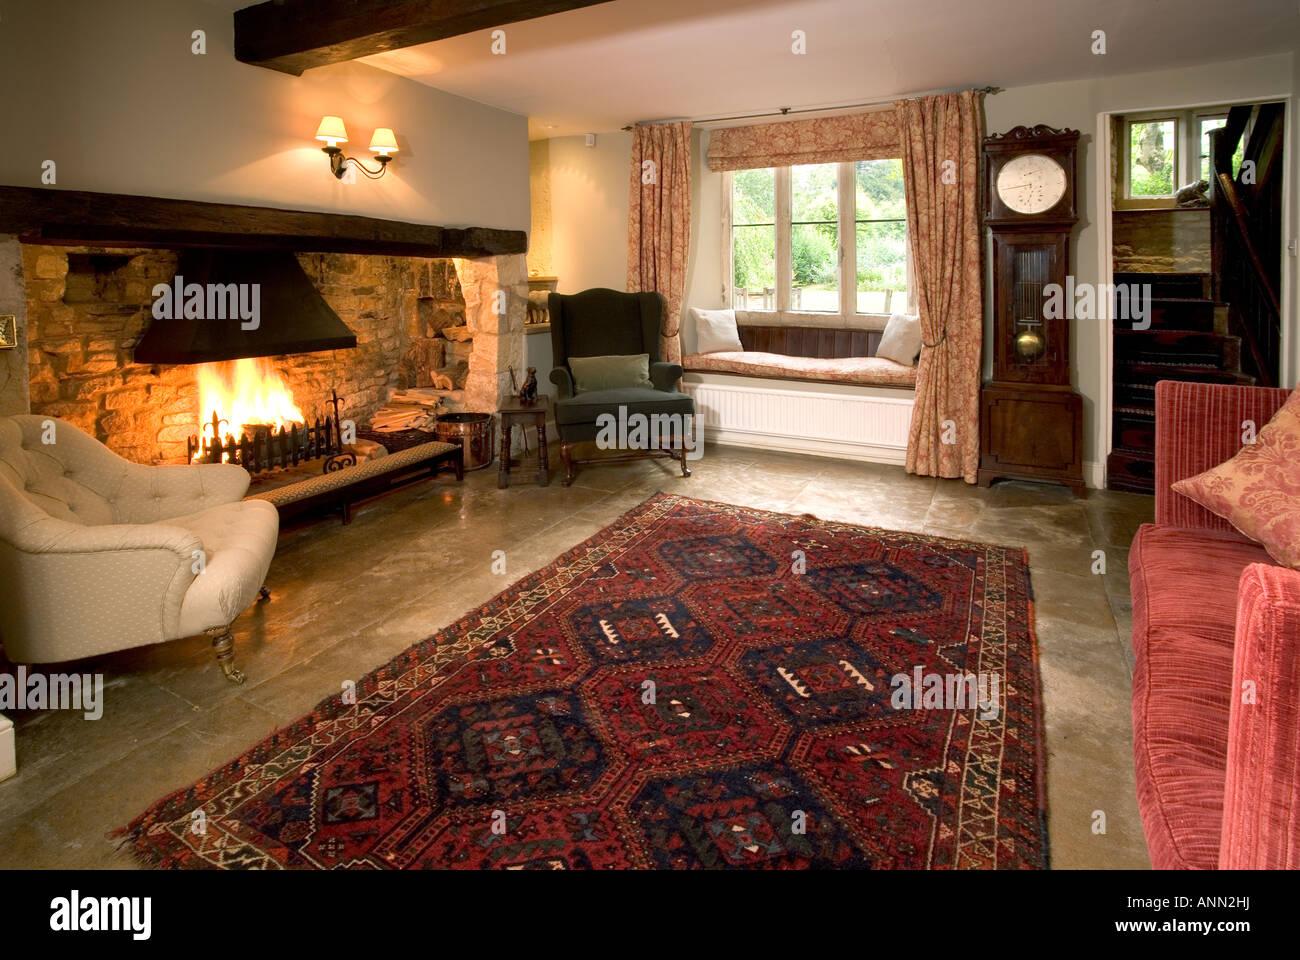 Gemütliches, traditionelles Stil Wohnzimmer, großem offenen Kamin ...